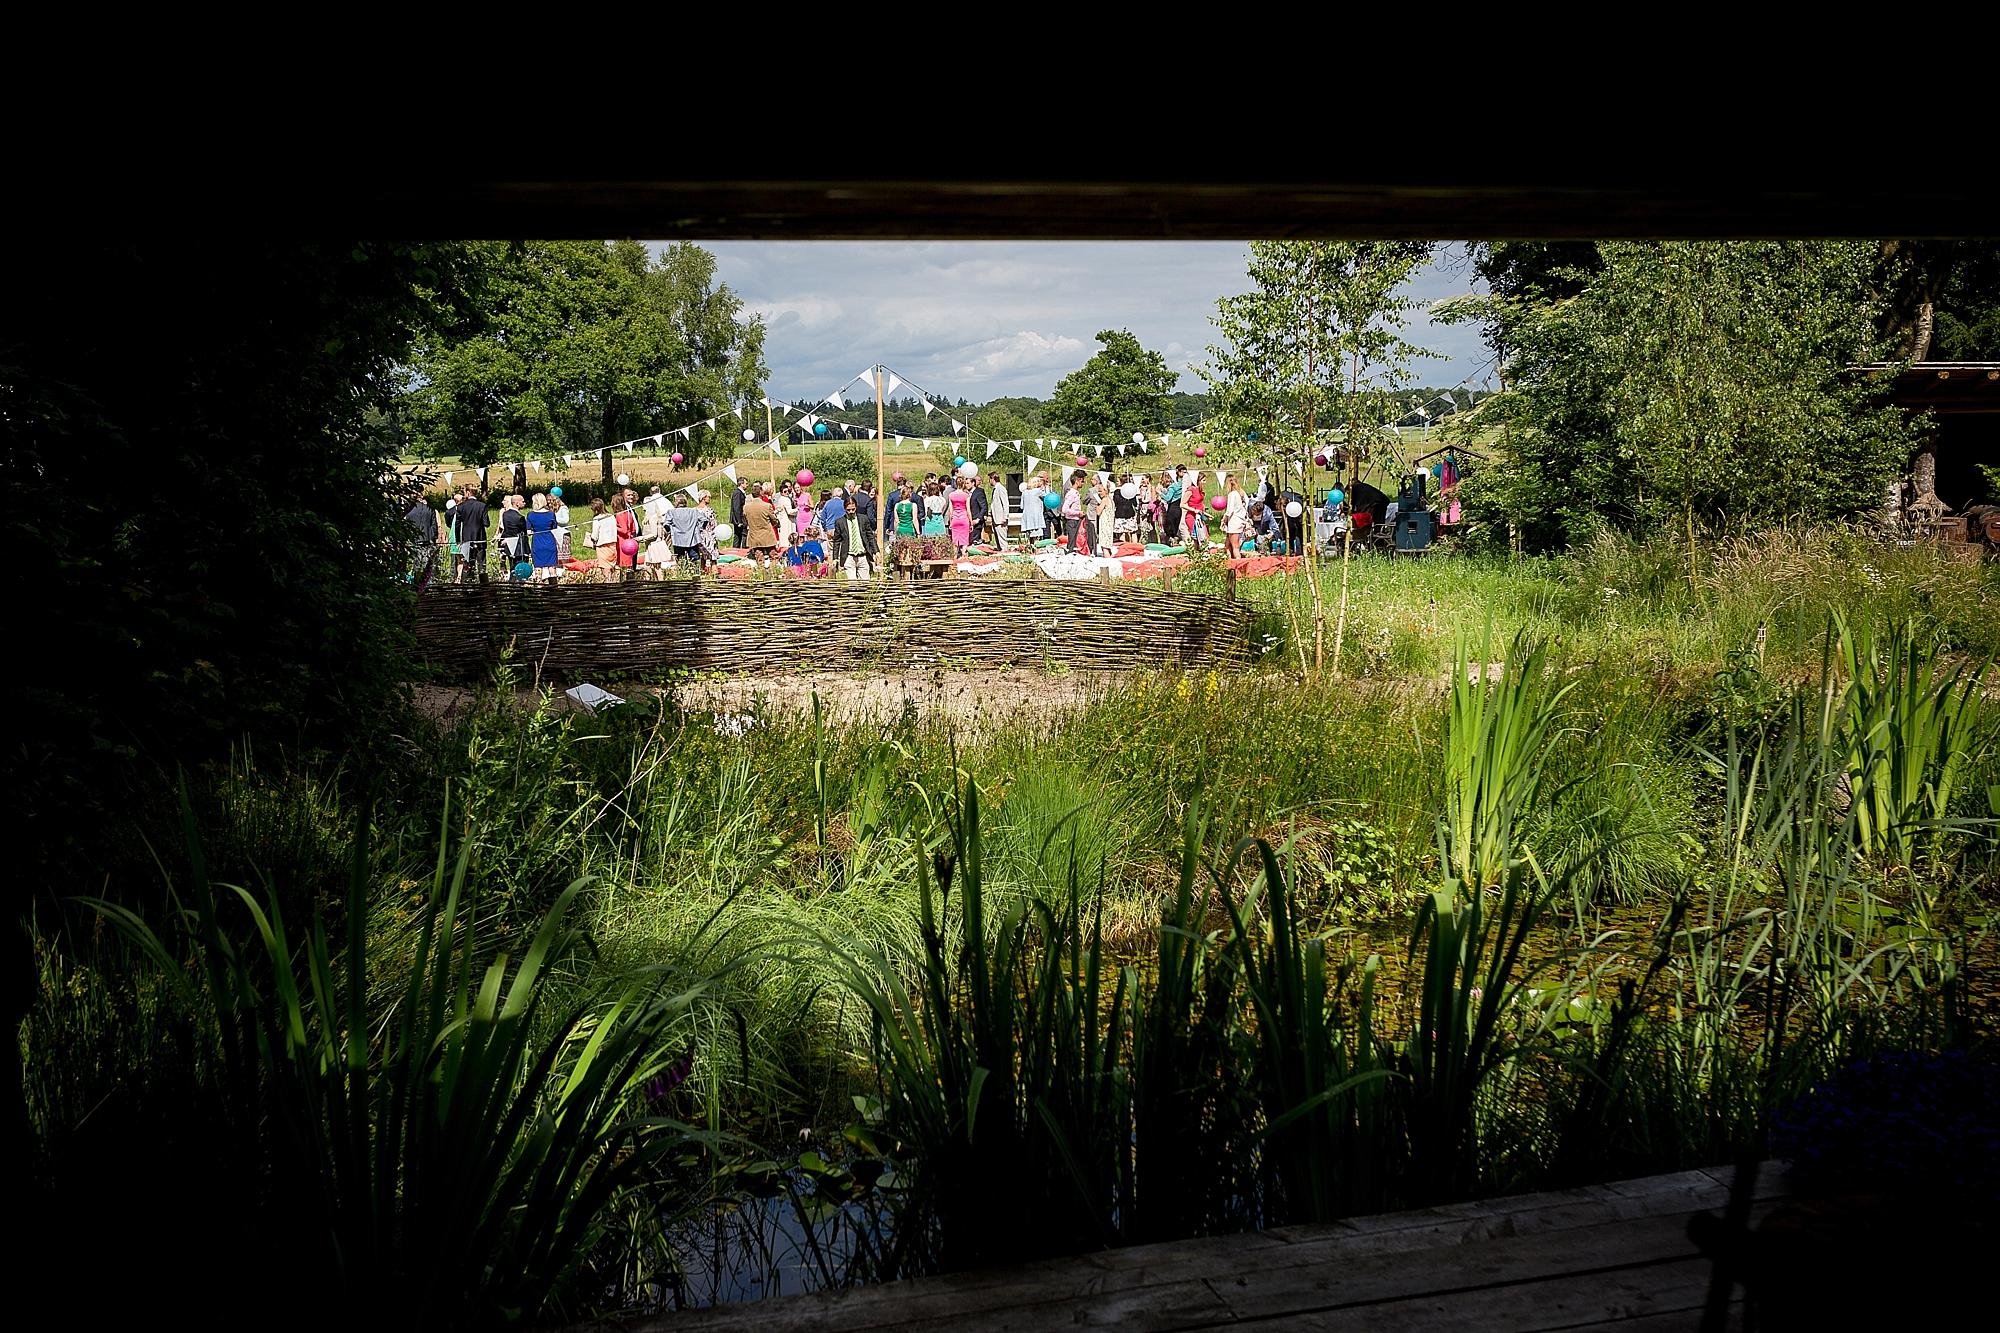 bruidsfotograaf-brabant-trouwen-in-het-bos-festivalbruiloft-vught-haaren_0098.jpg